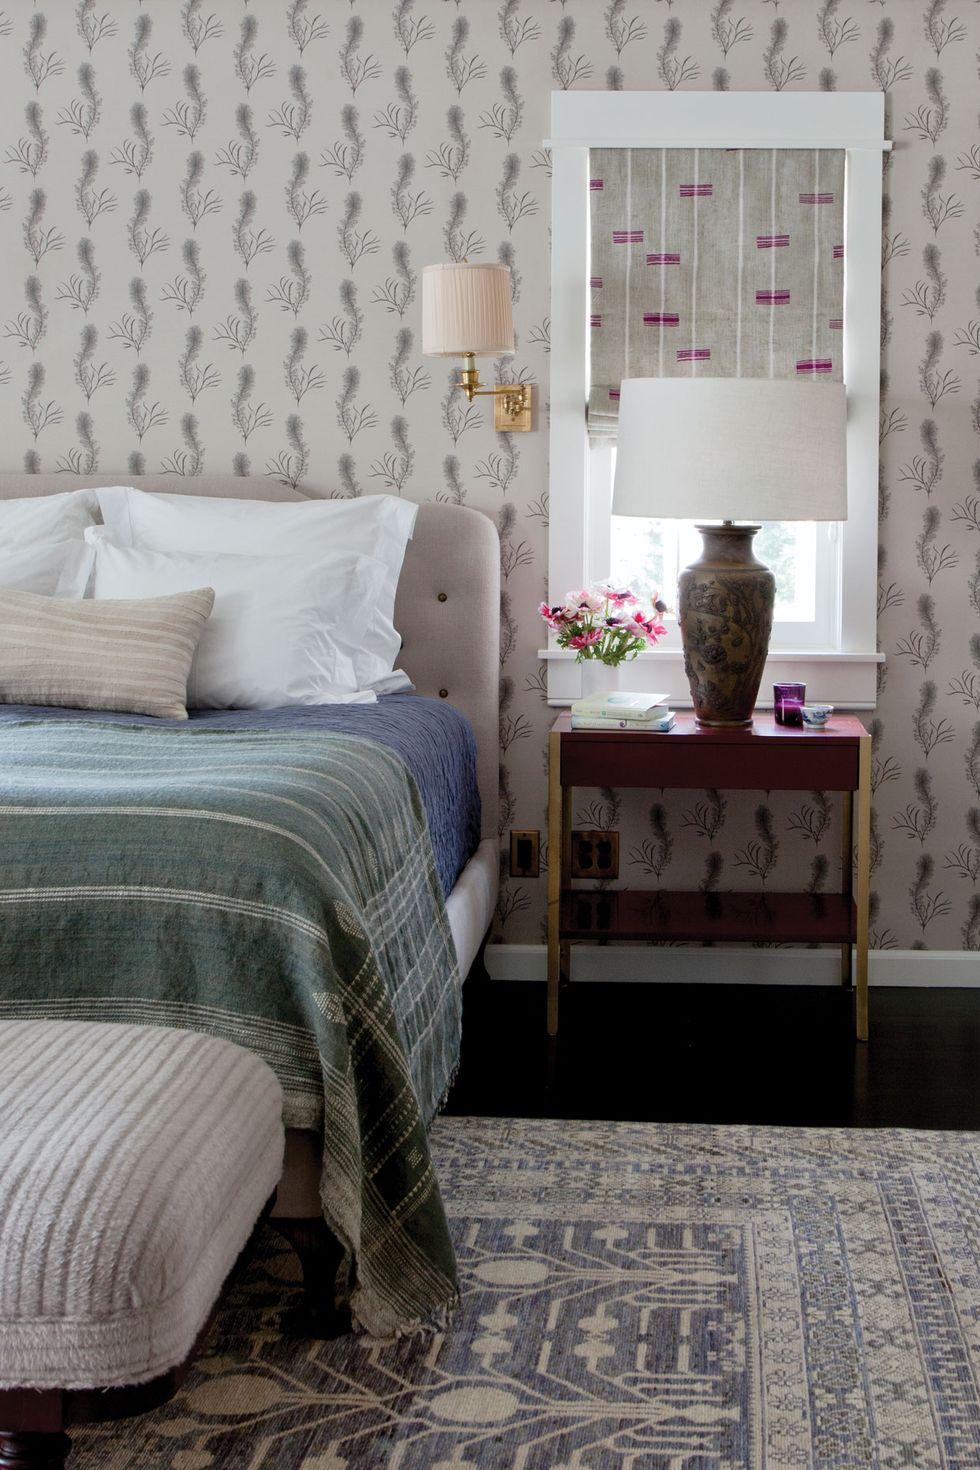 Bật mí những cách trang trí phòng ngủ 'cực chill' mà bạn nên thử - Ảnh 25.